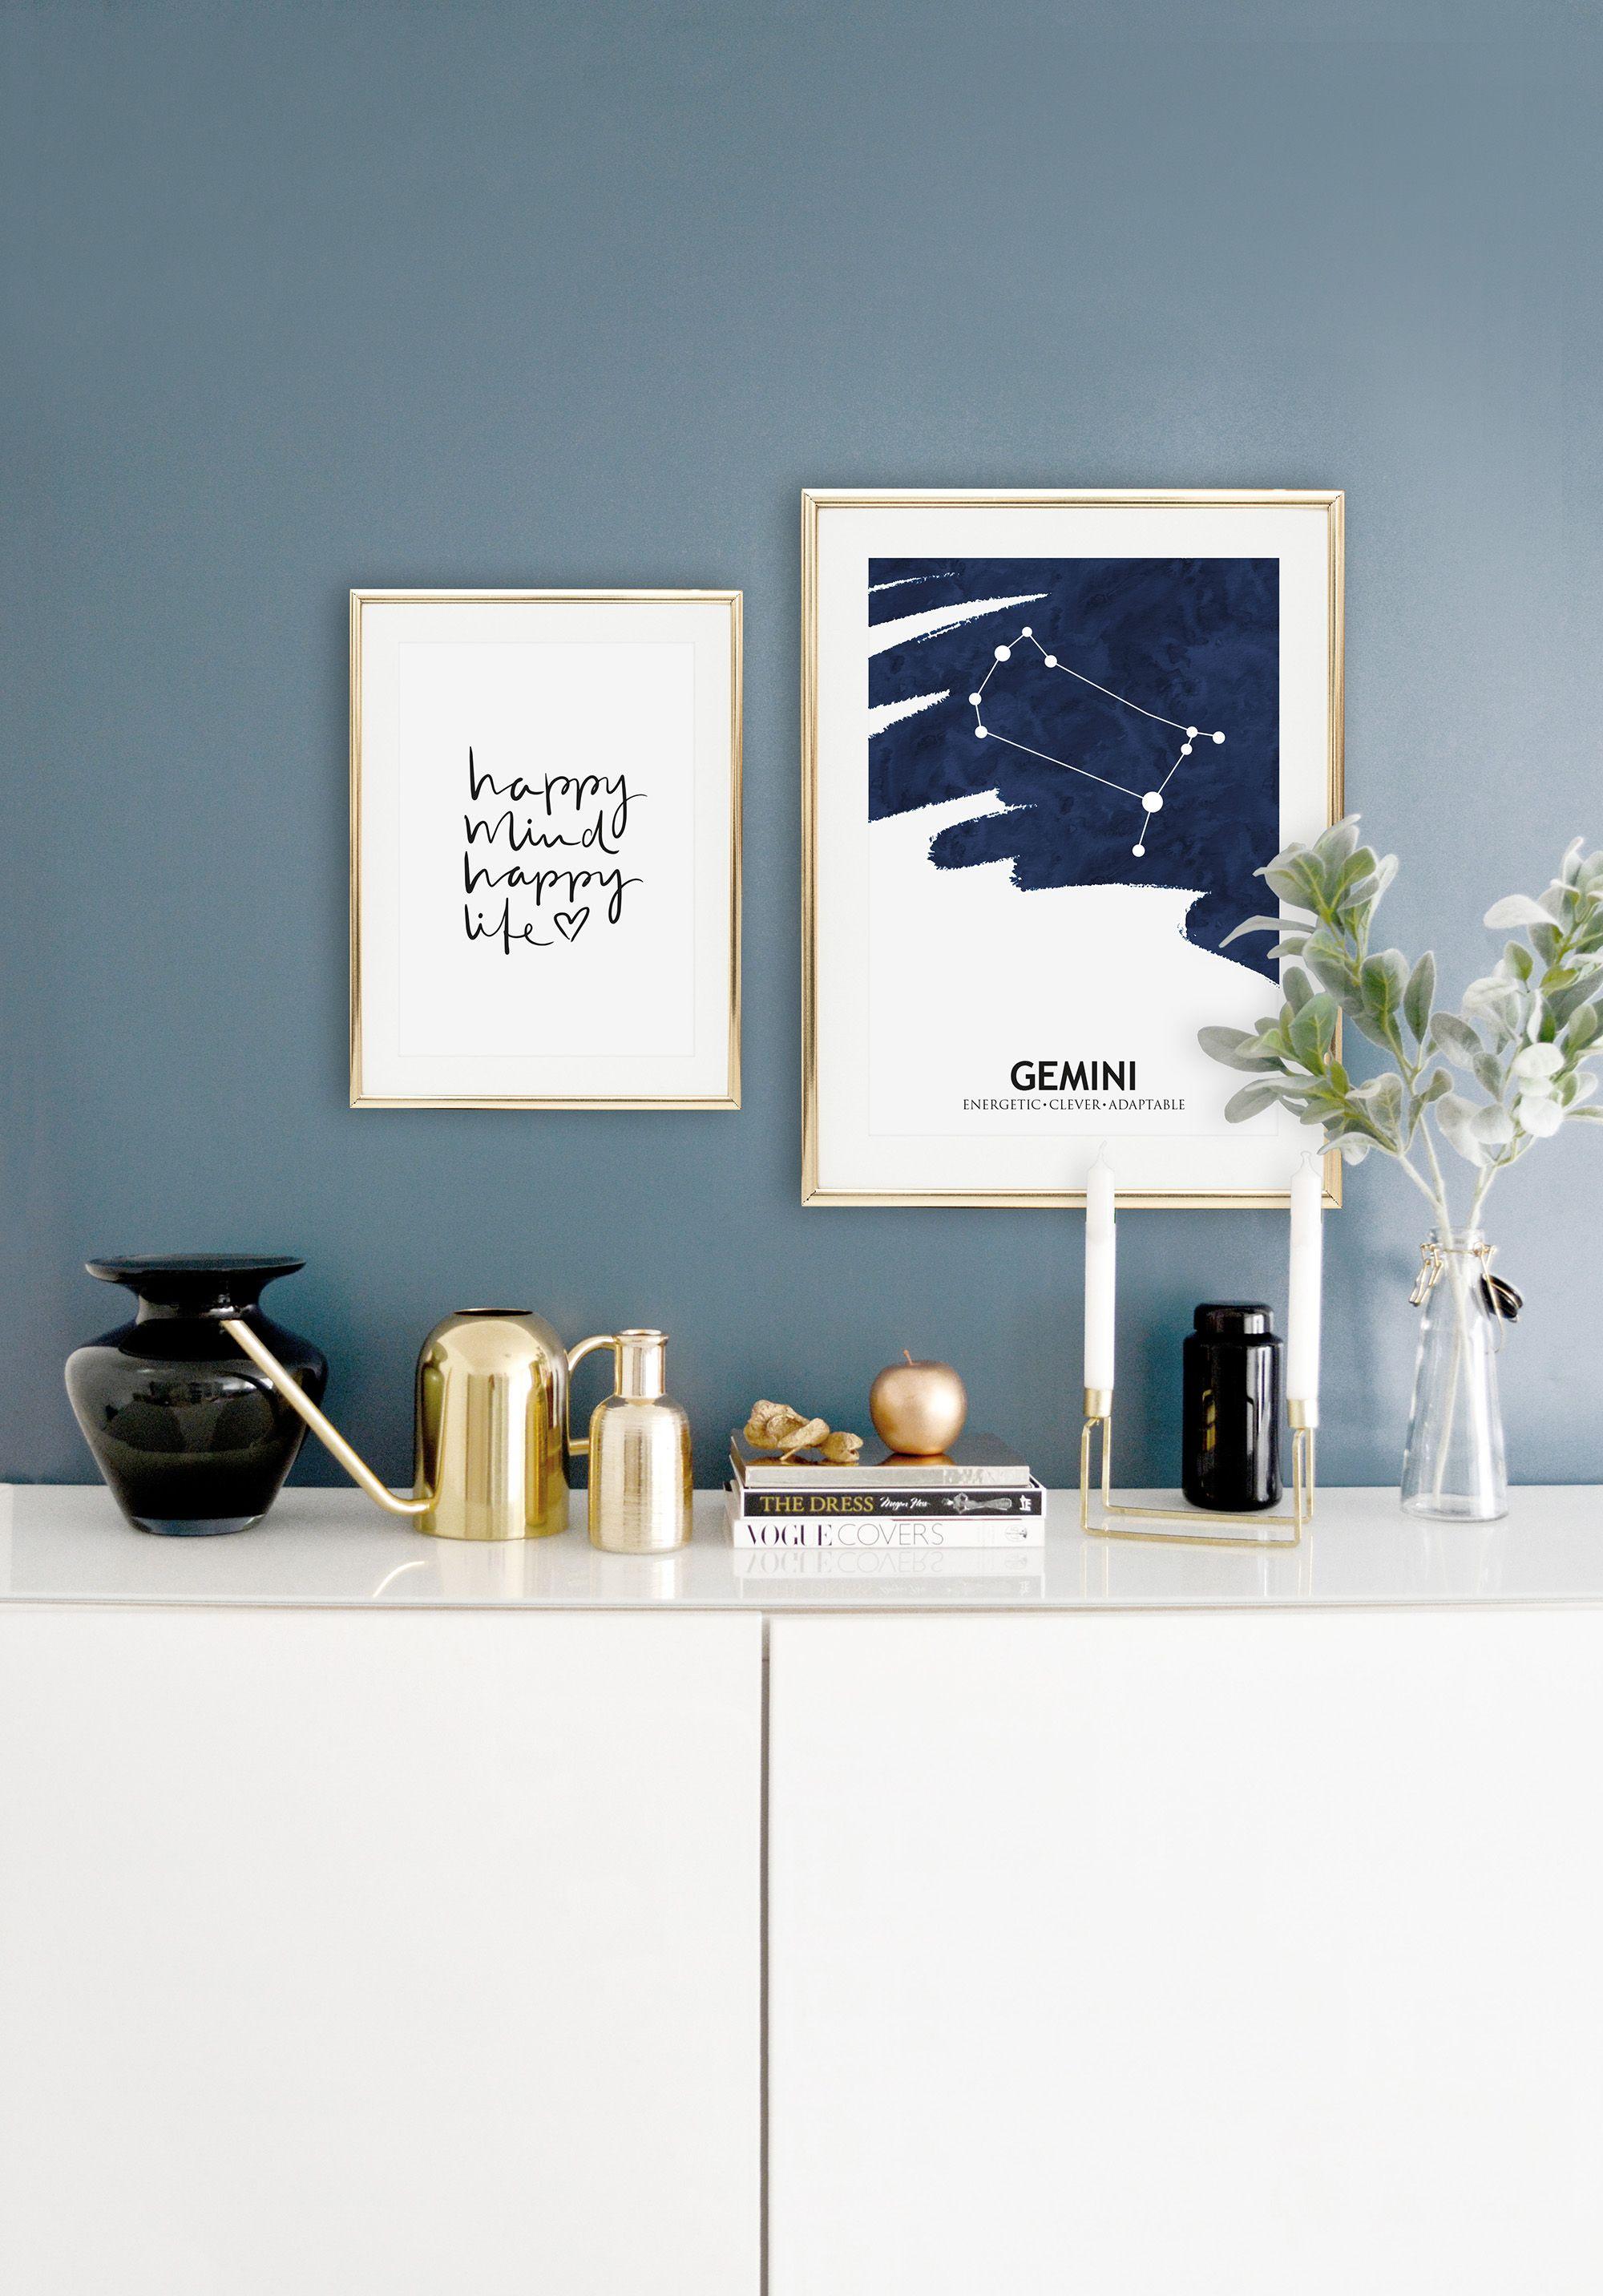 Scandinavian Art Print   Handlettering   Art Gallery   Wall Art   Quotes   Happy mind happy life   Postershop   Tales by Jen   www.talesbyjen.com